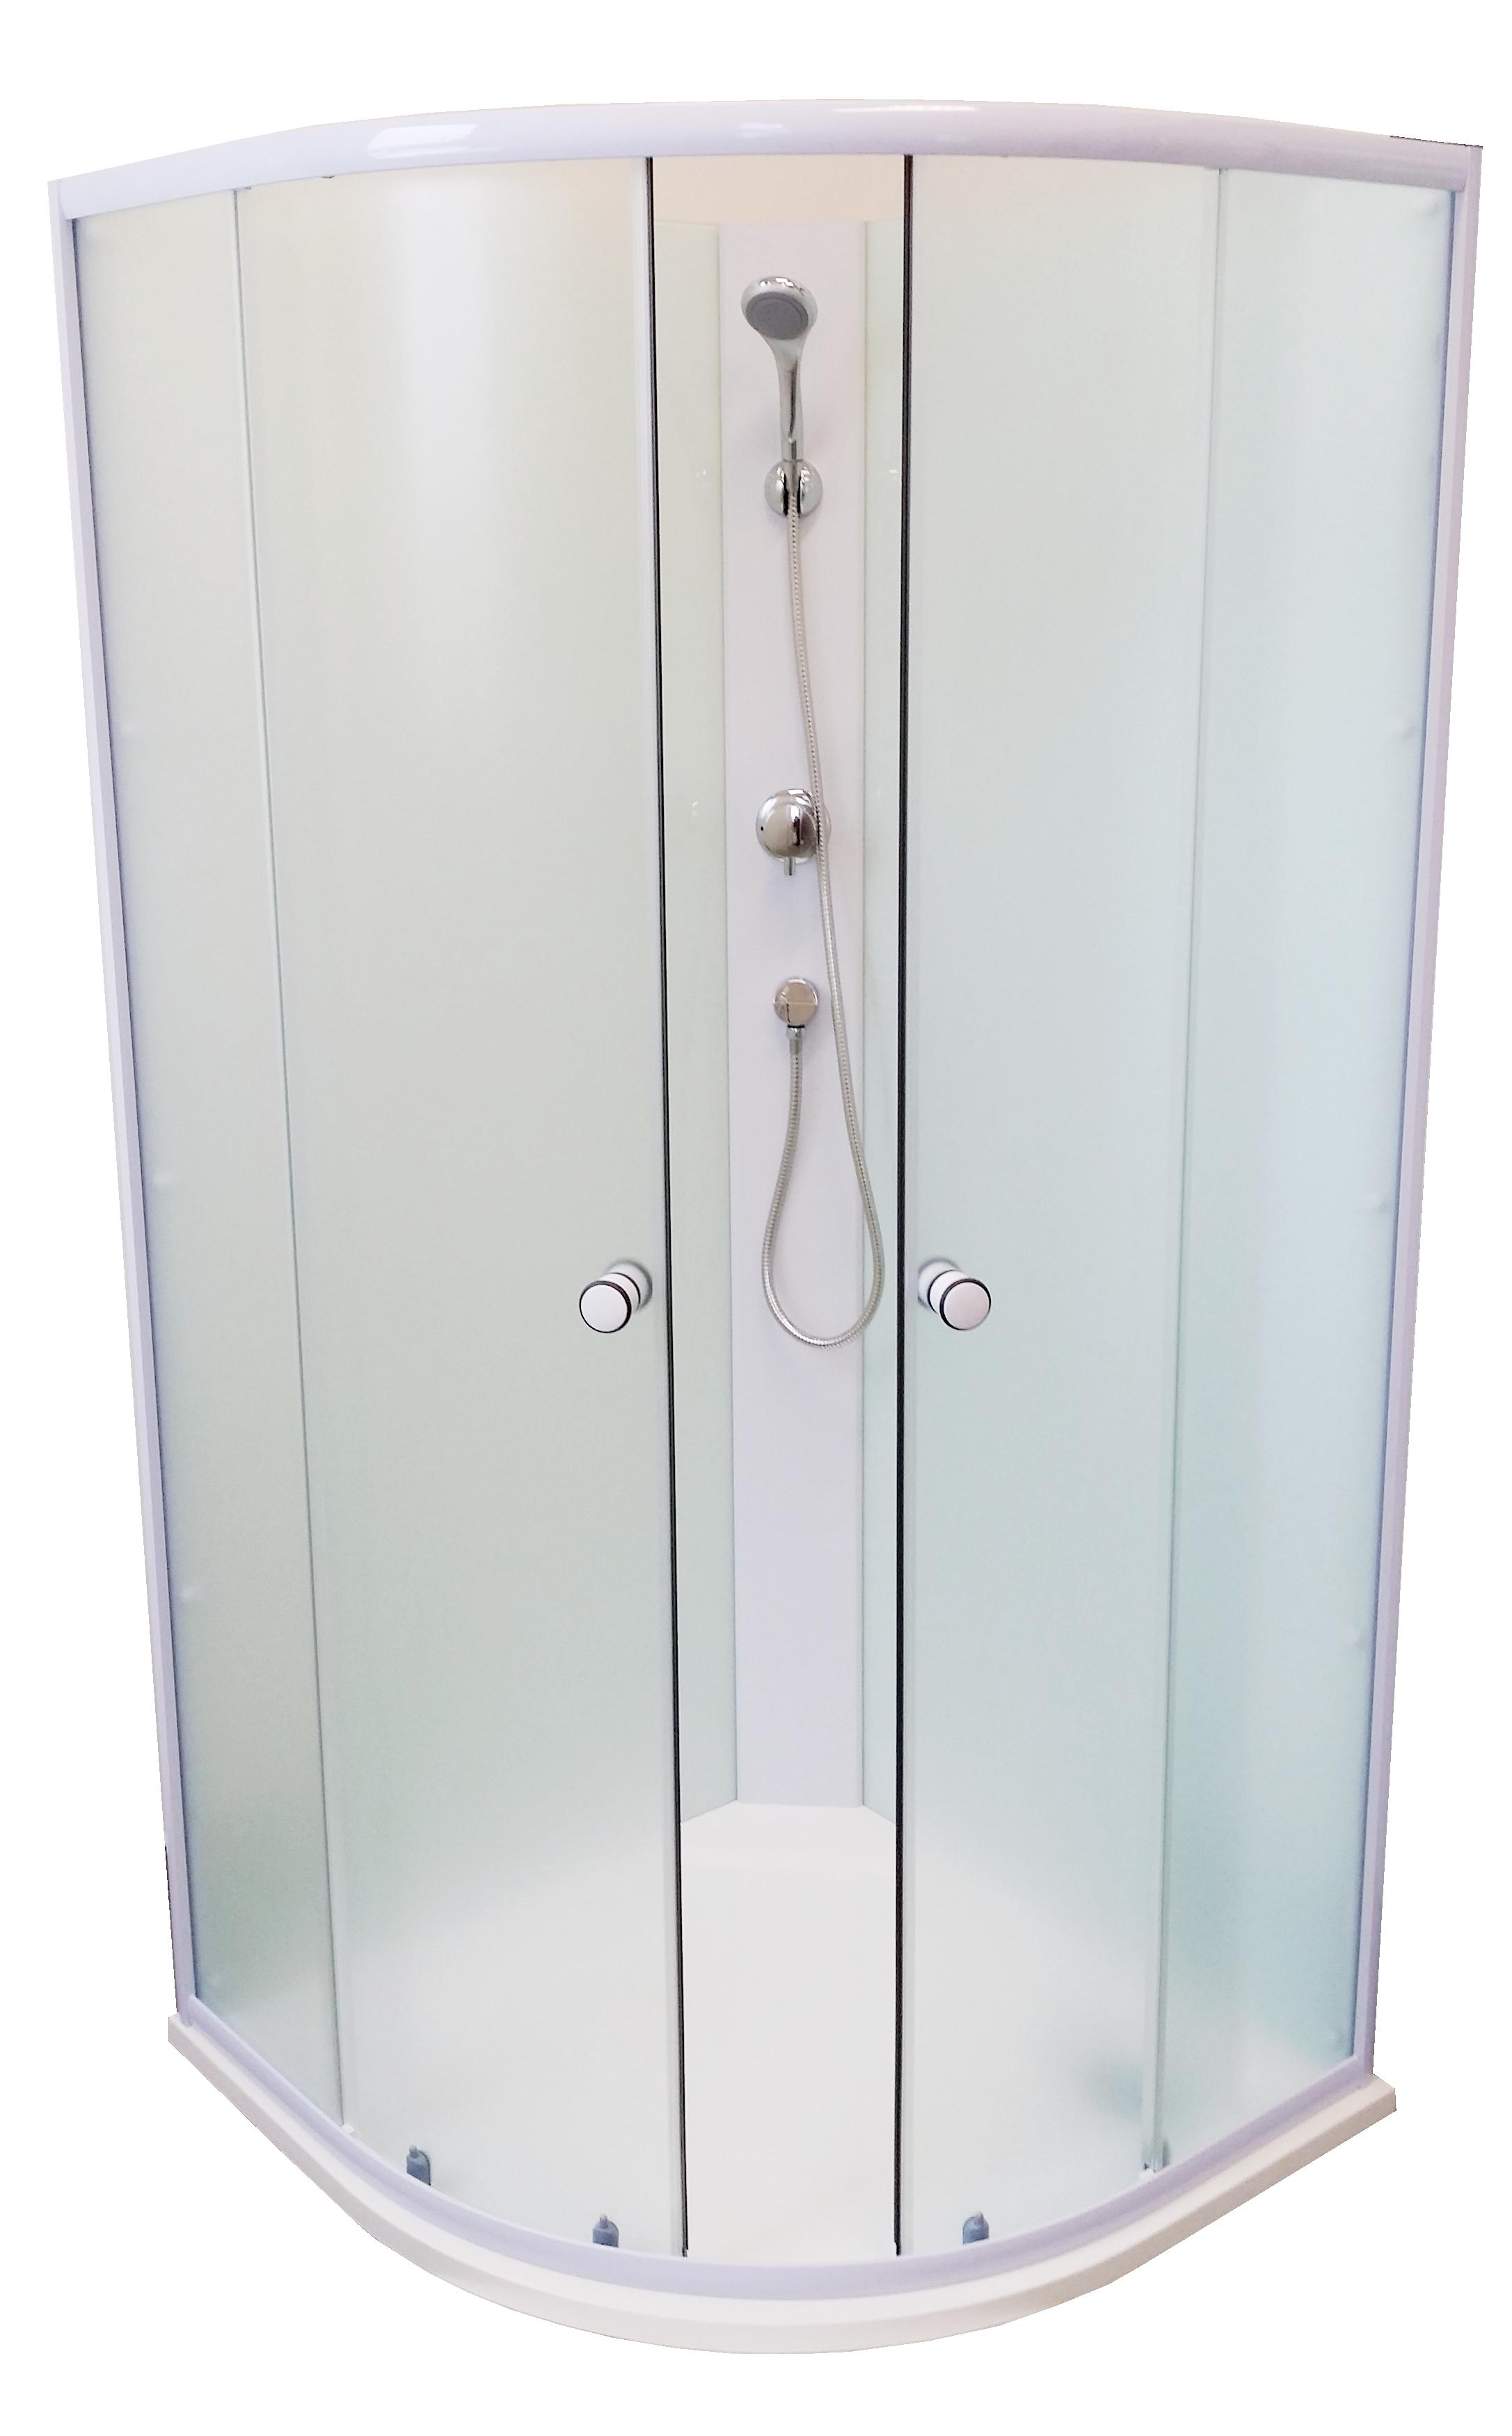 BIANCA 90 SOFIA Well Sprchový box s mramorovou vaničkou, skladem